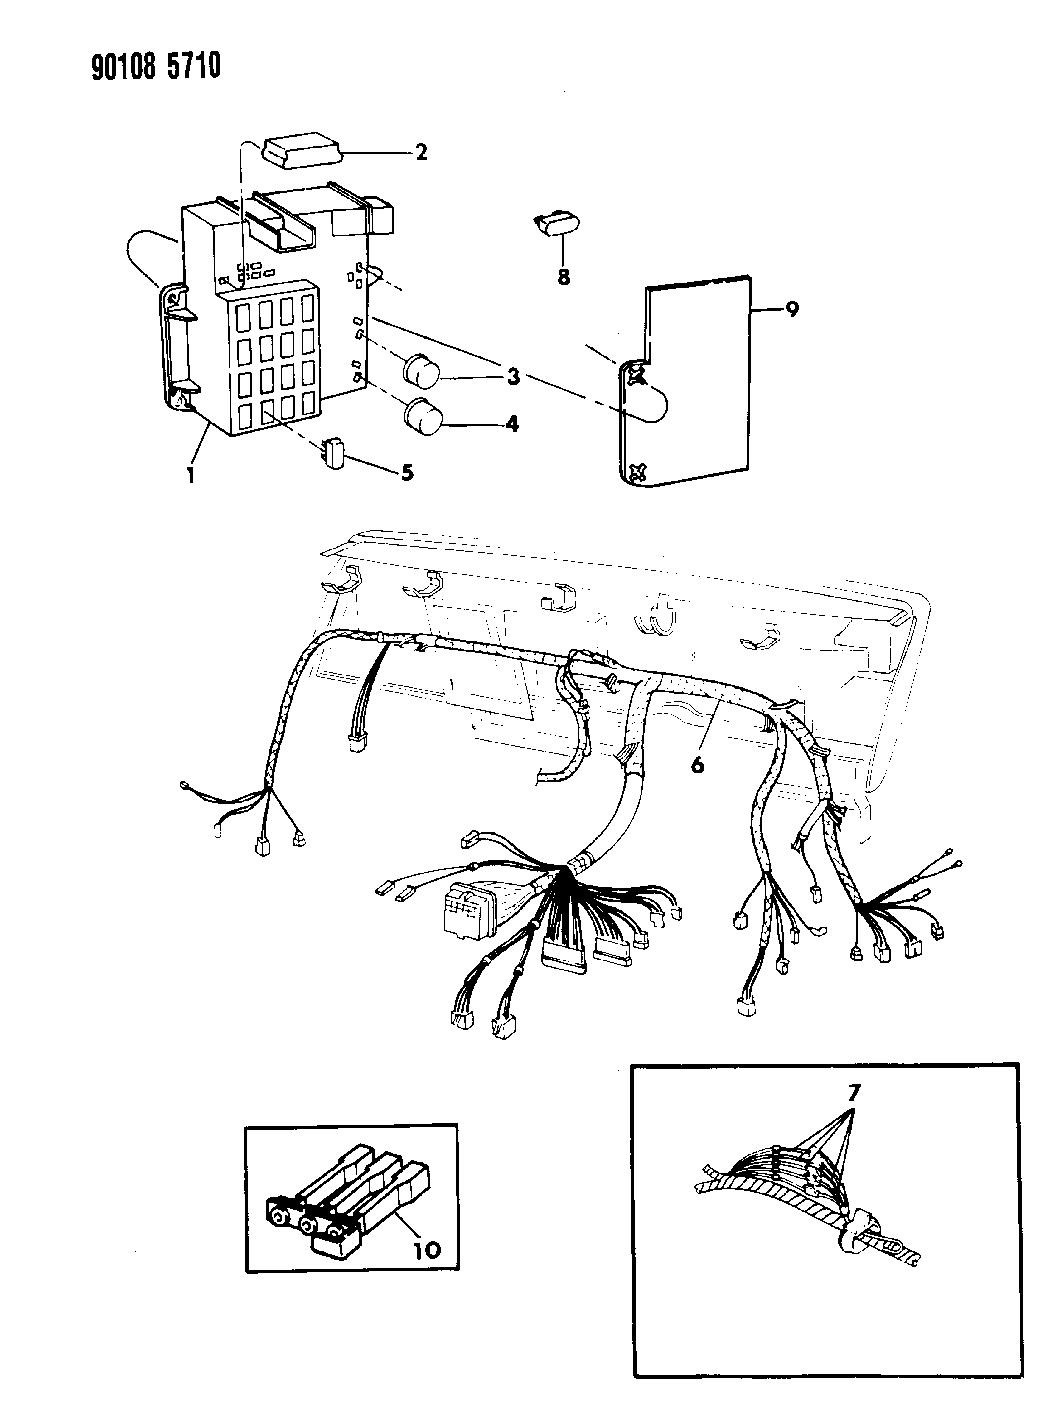 1990 dodge omni wiring instrument panel mopar parts giant1990 dodge omni wiring instrument panel